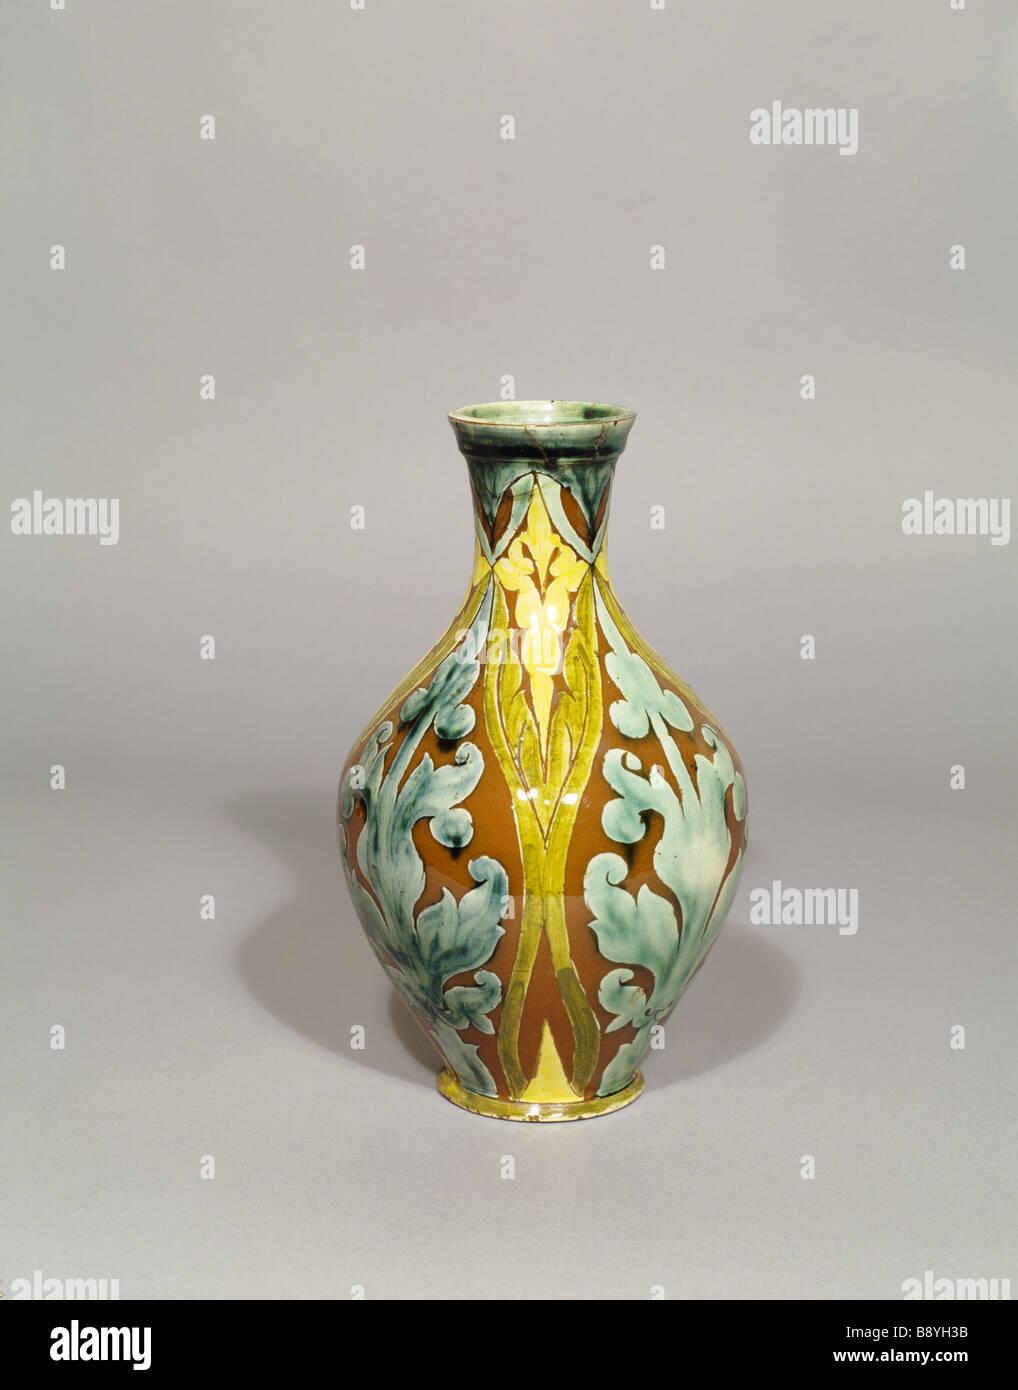 Della Robbia Vase Mit Muster Grün Braun Und Gelb In Den Morgen Zimmer